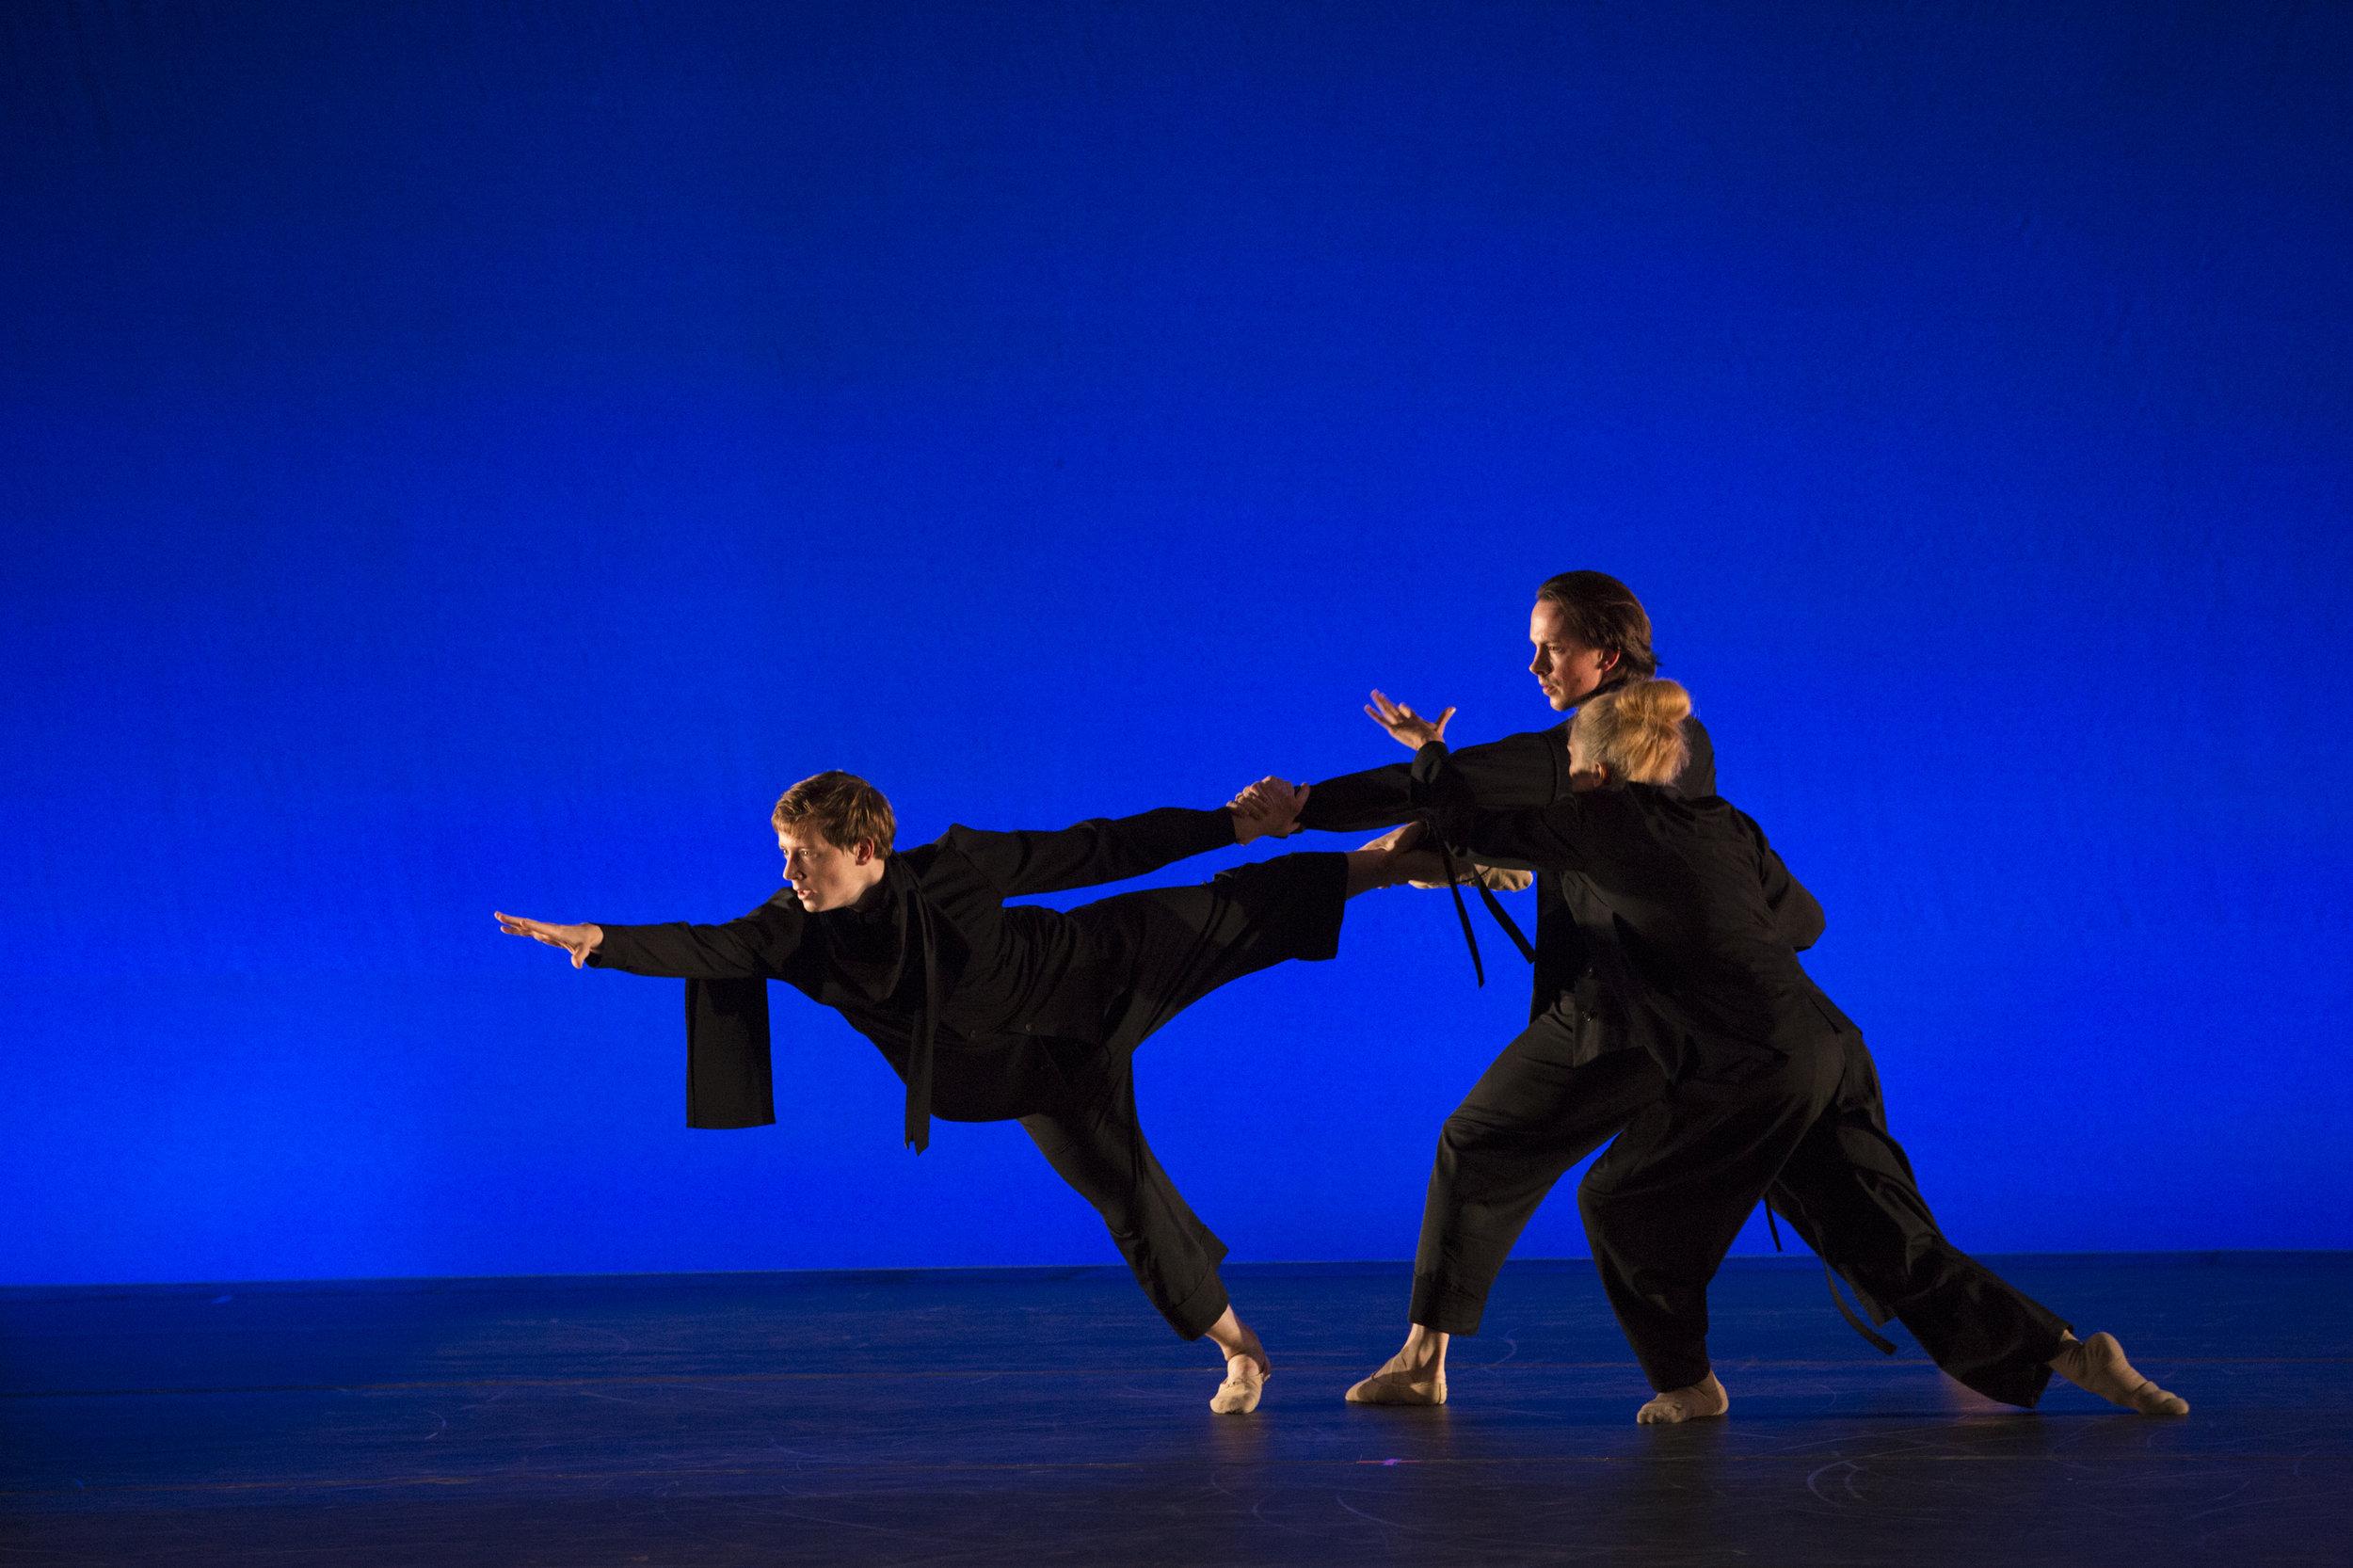 Cirio-Collective-Hudson-Valley-Dance-Festival-2017-photo by @franciscograciano-8470.jpg